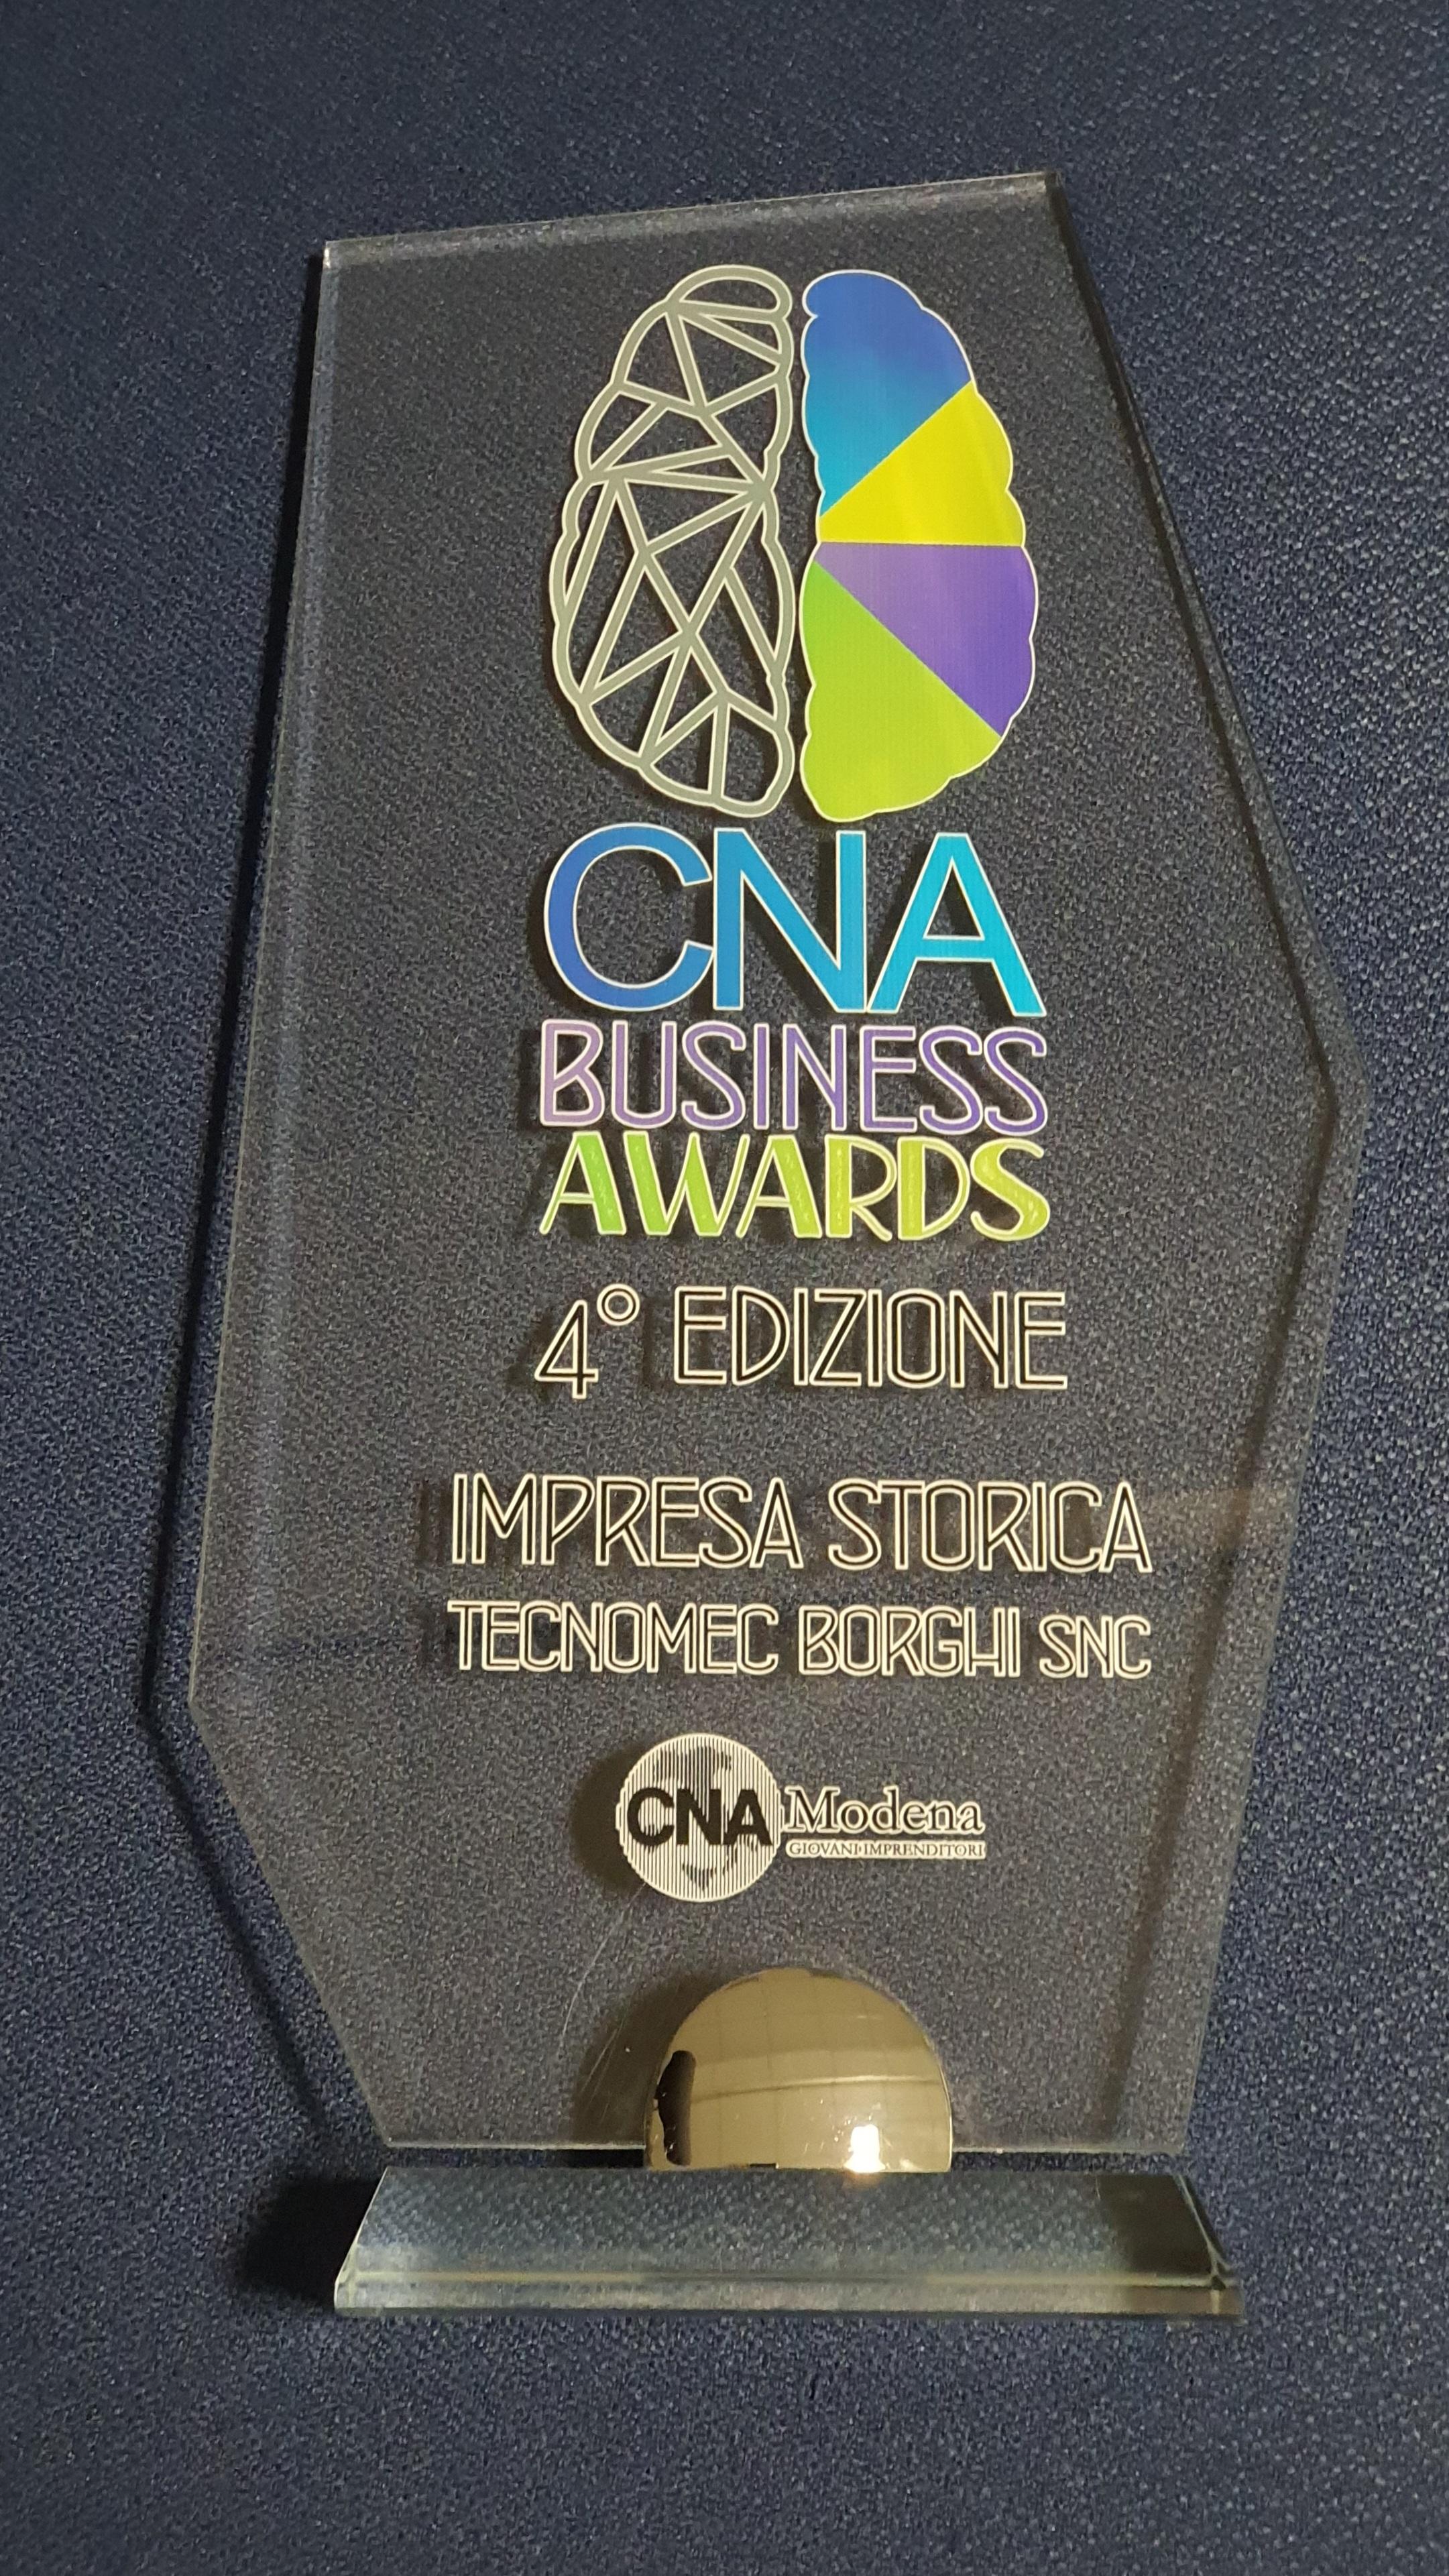 Premiazione Impresa Storica – Business Award 2020 CNA Modena